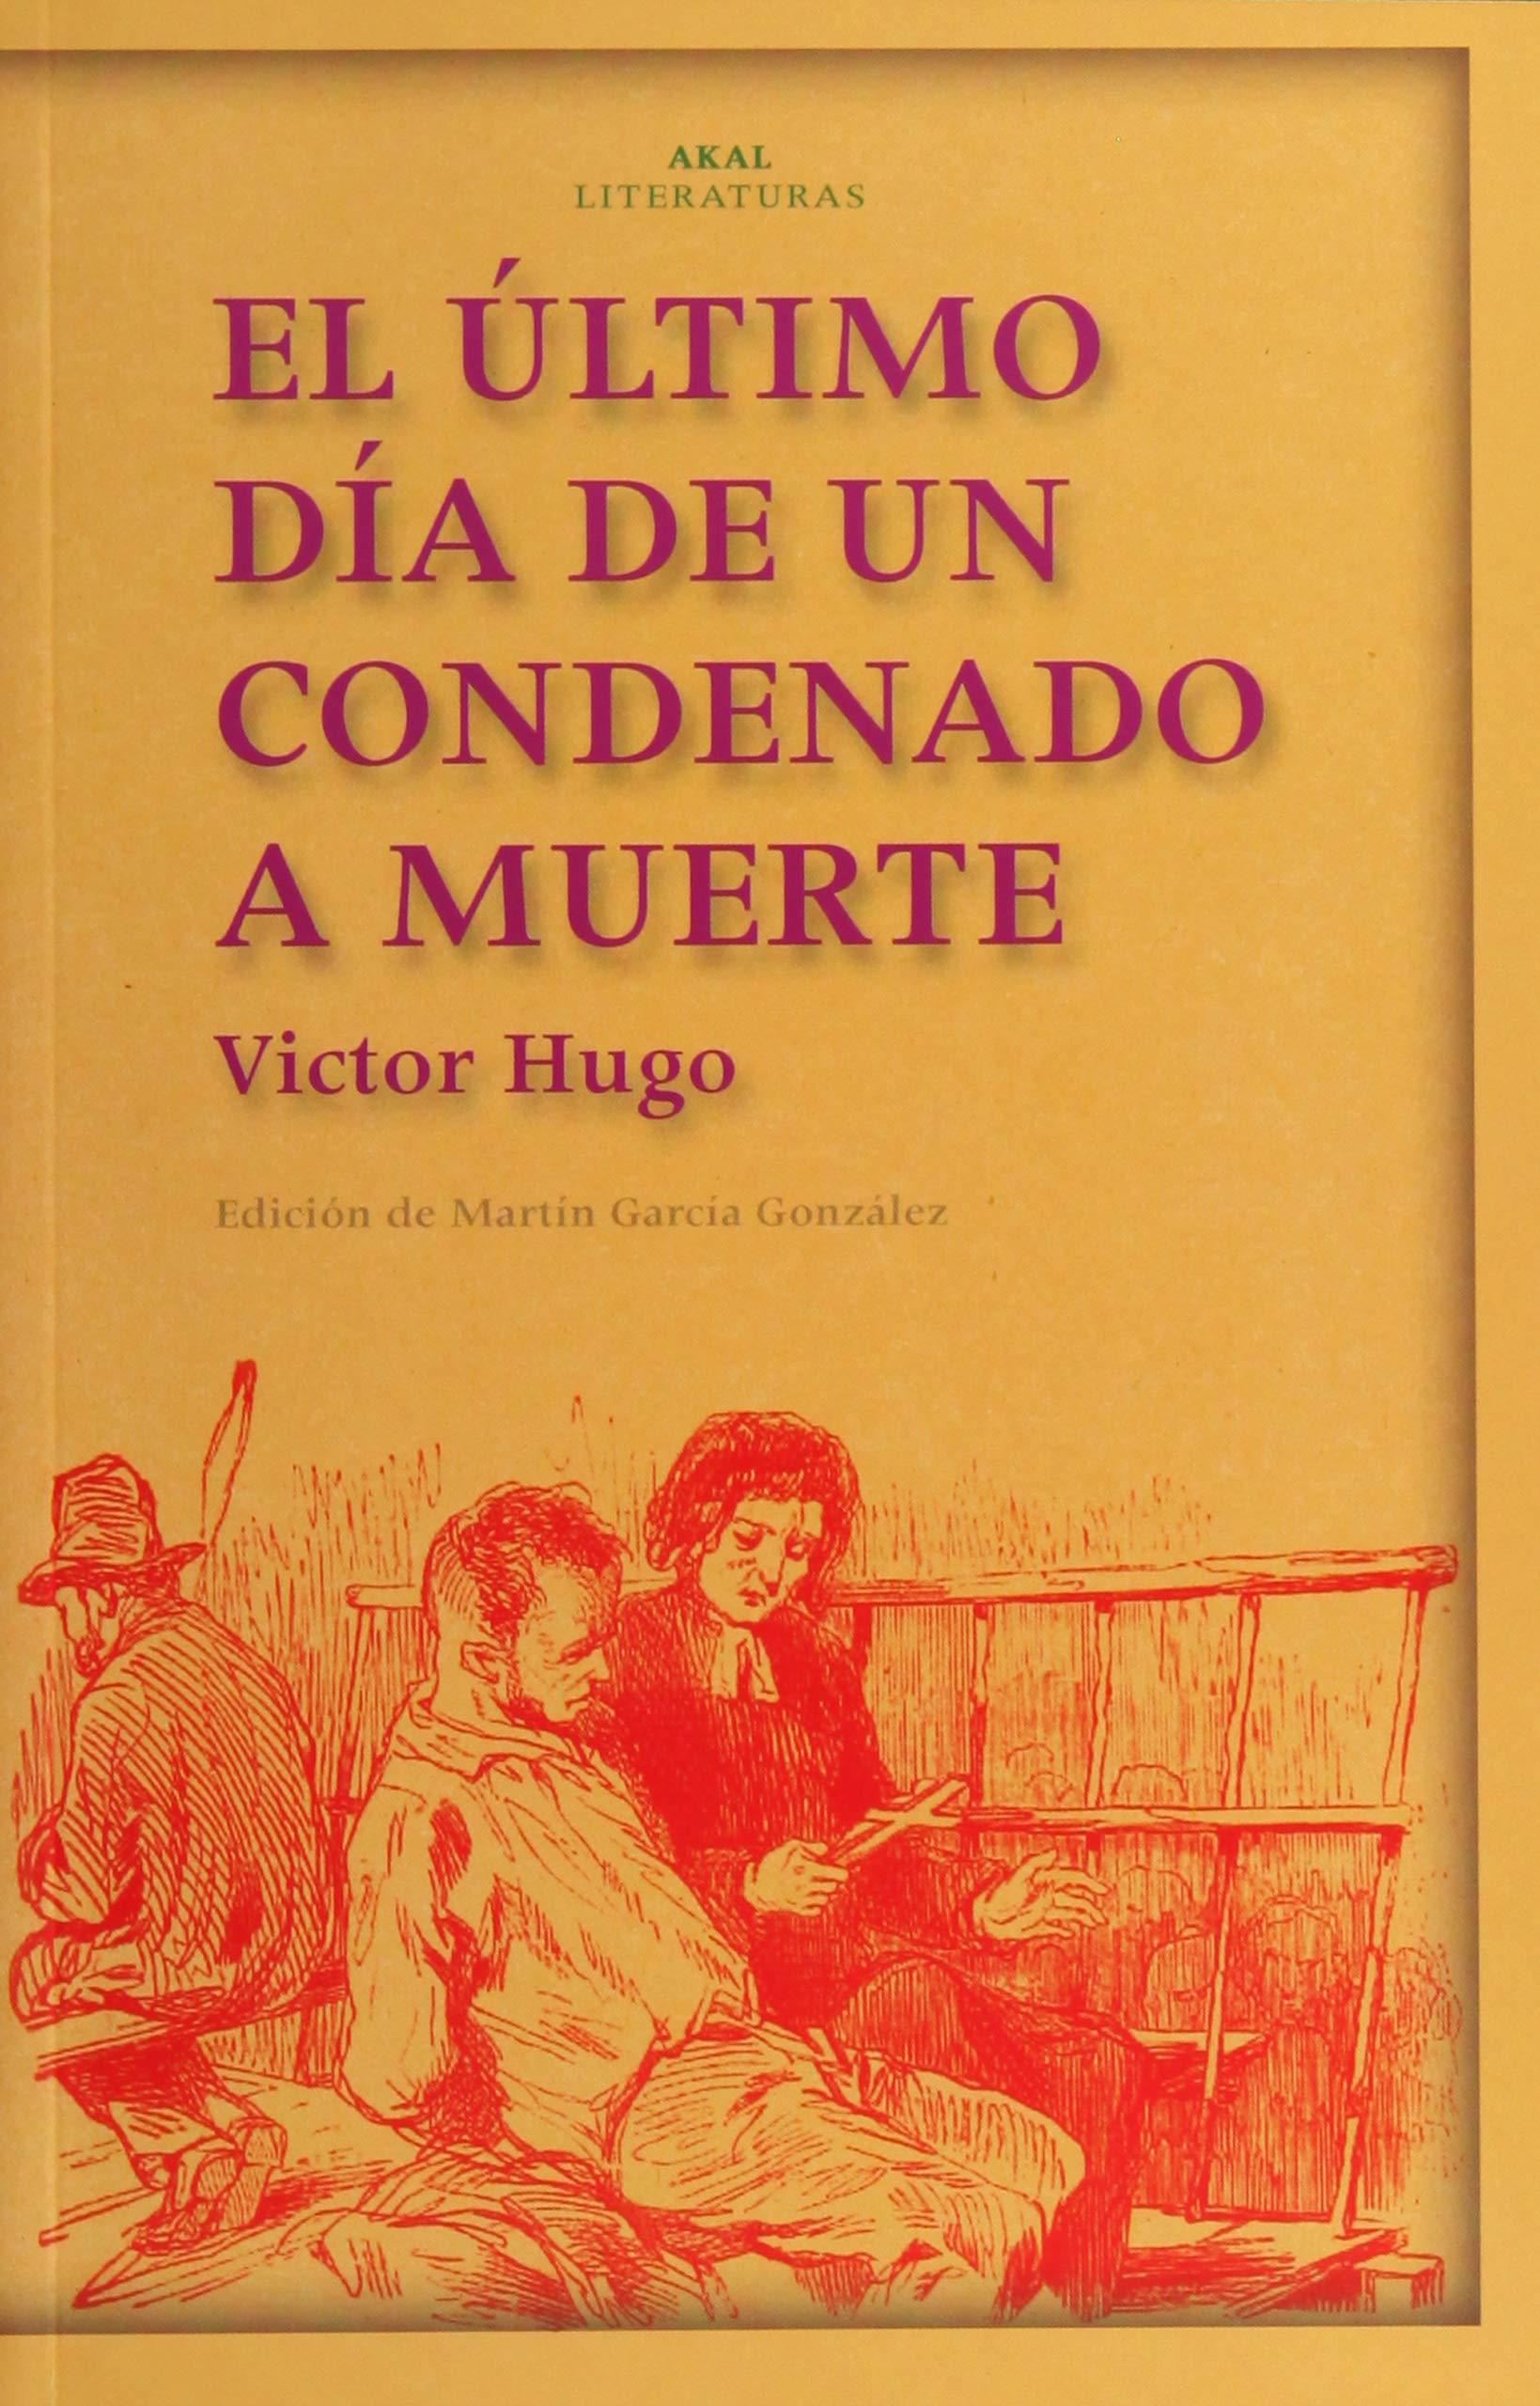 El último día de un condenado a muerte. Claude Gueux: 16 Akal Literaturas: Amazon.es: Hugo, Victor: Libros